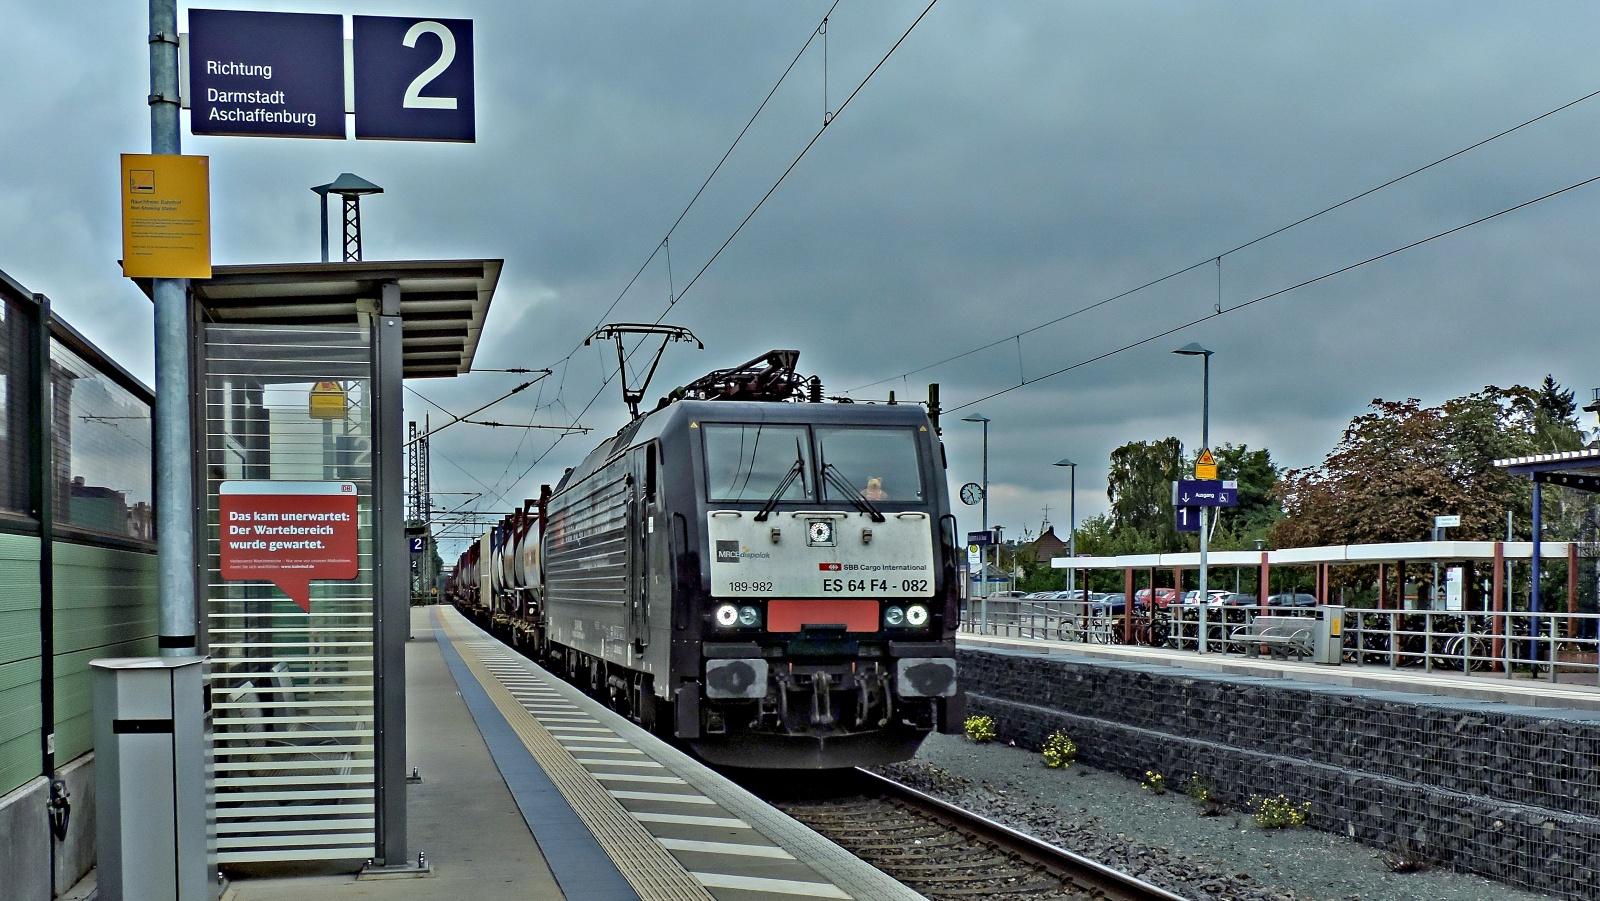 189 982 ES 64 F4-082 SBB Cargo International